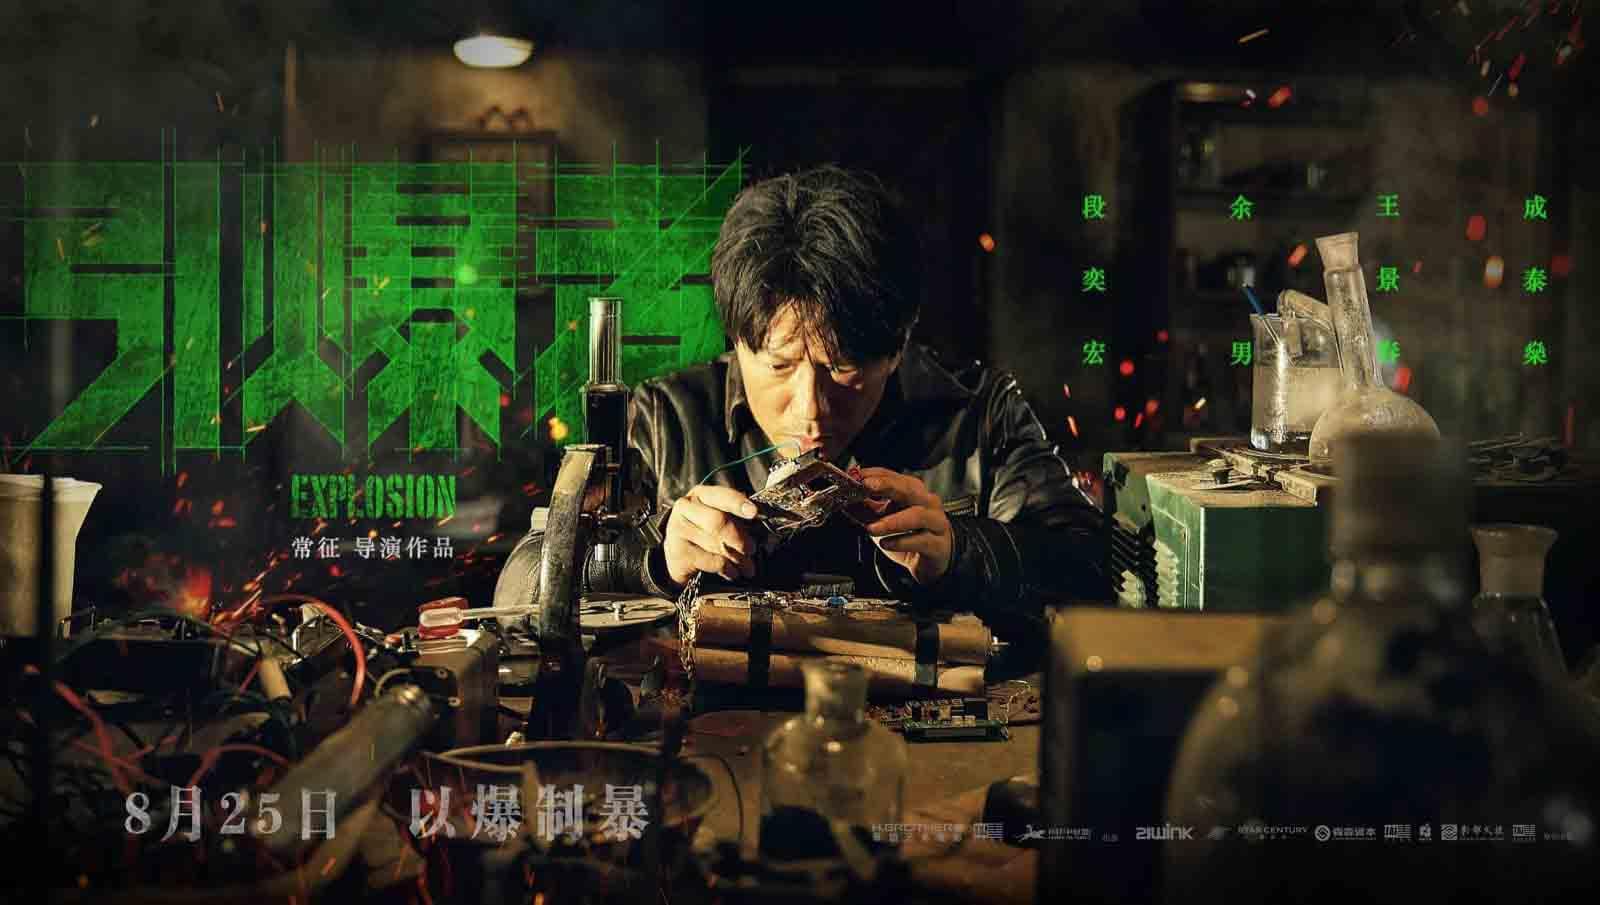 《引爆者》定档8月25 上海电影节闭幕影片